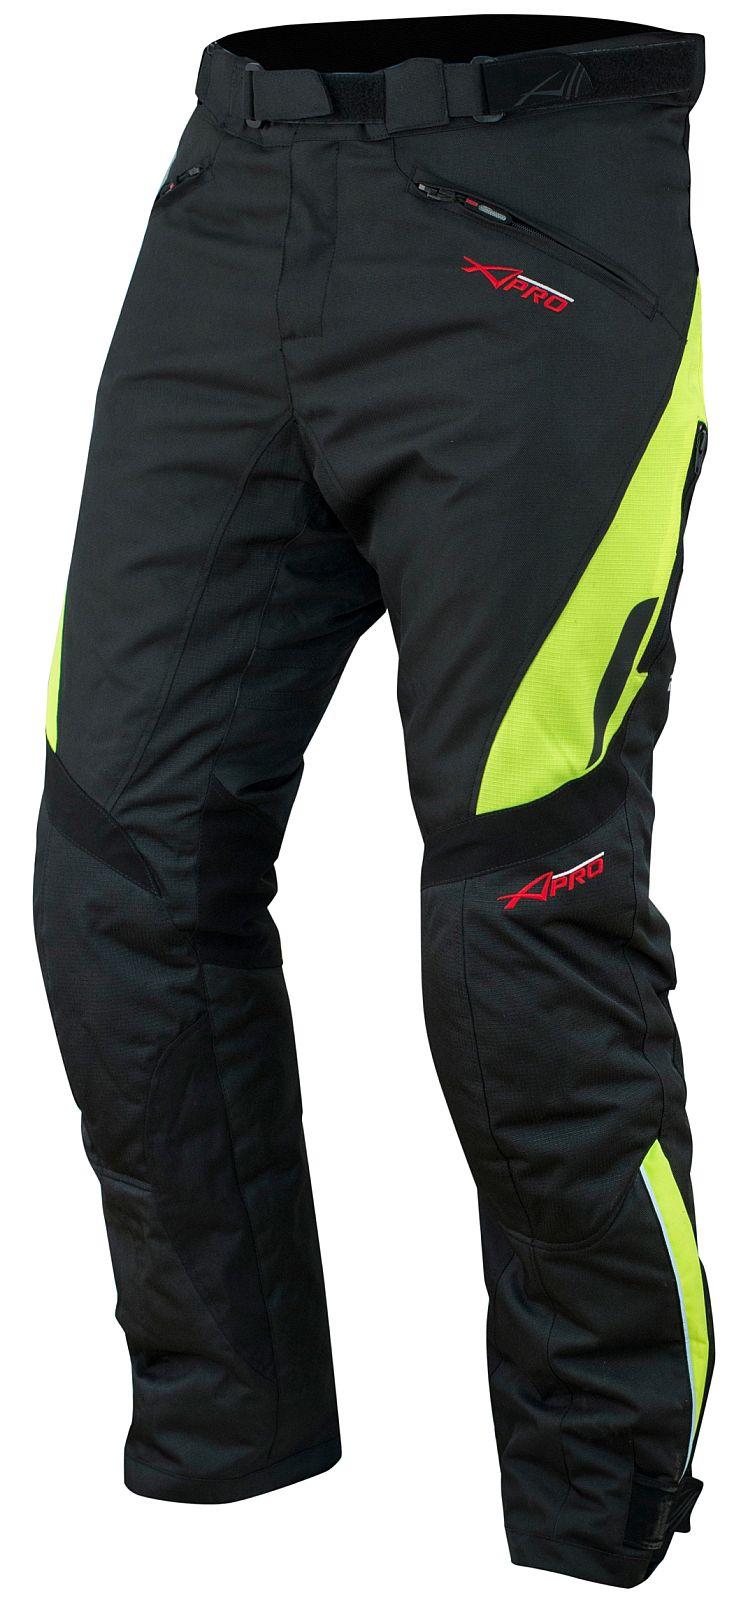 Pantalon-Impermeable-Homme-Protections-CE-Thermique-Motard-Reflechissant-Moto miniature 12